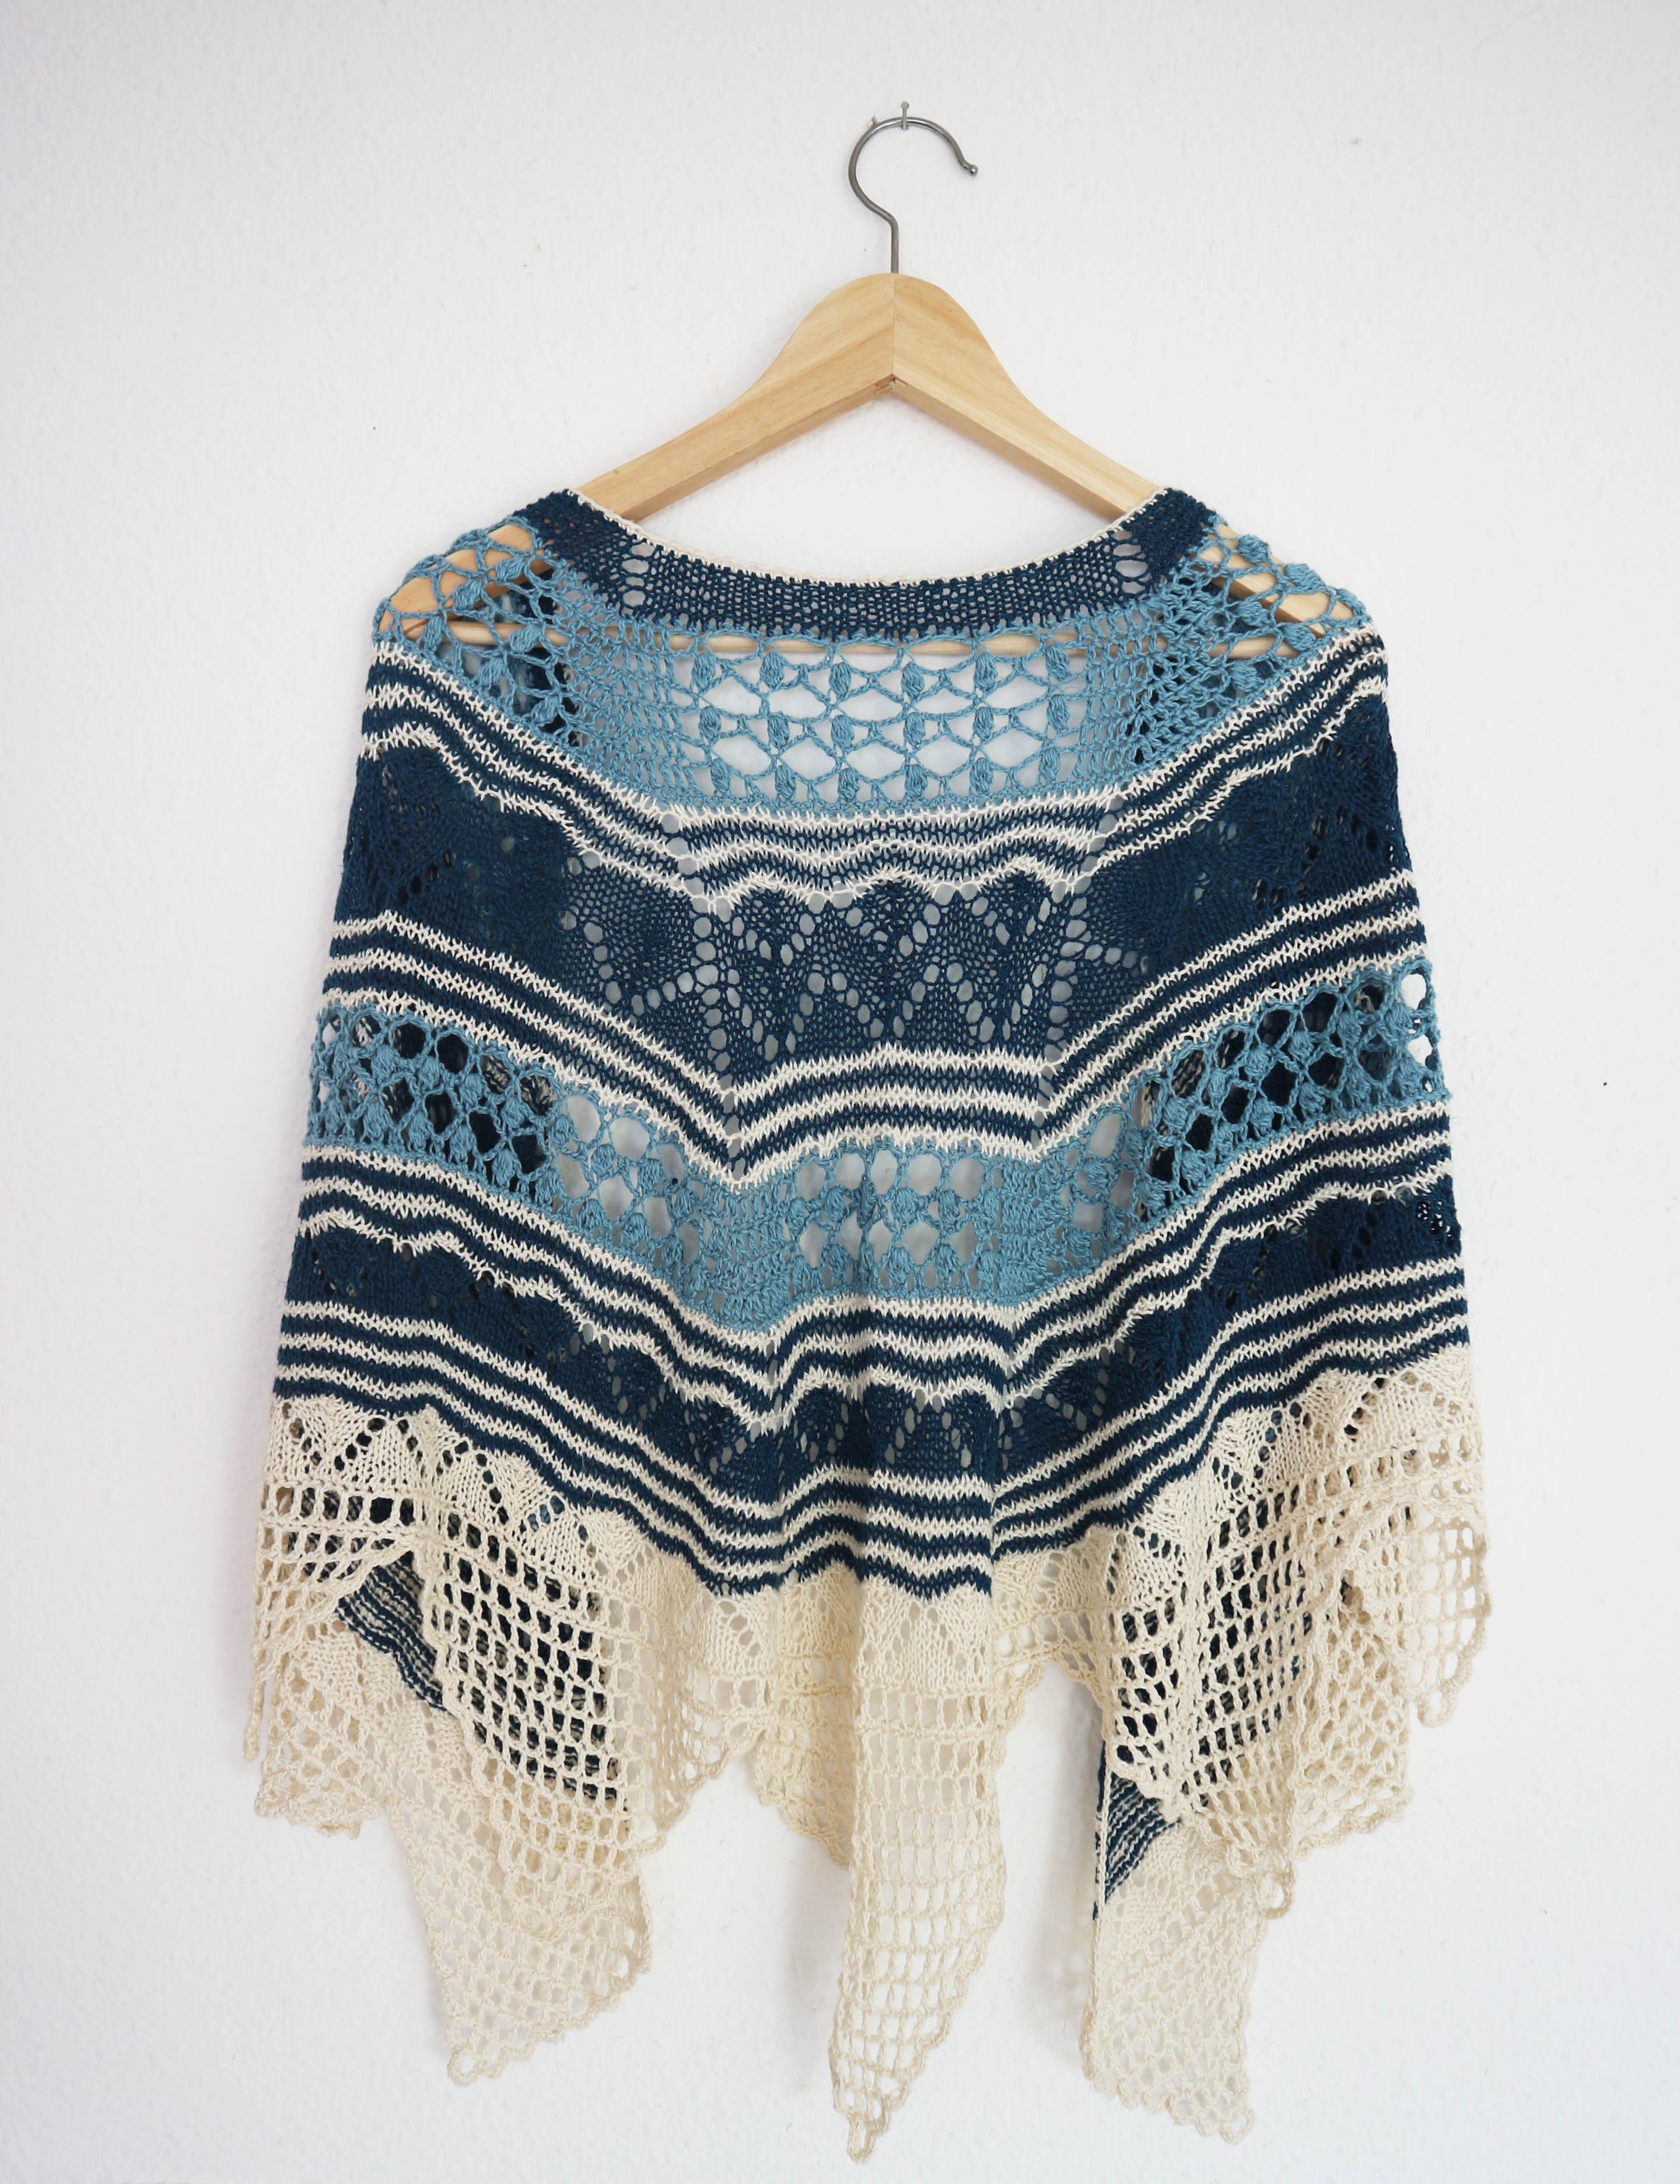 alquimia de hilos knitting crochet mammadiypatterns